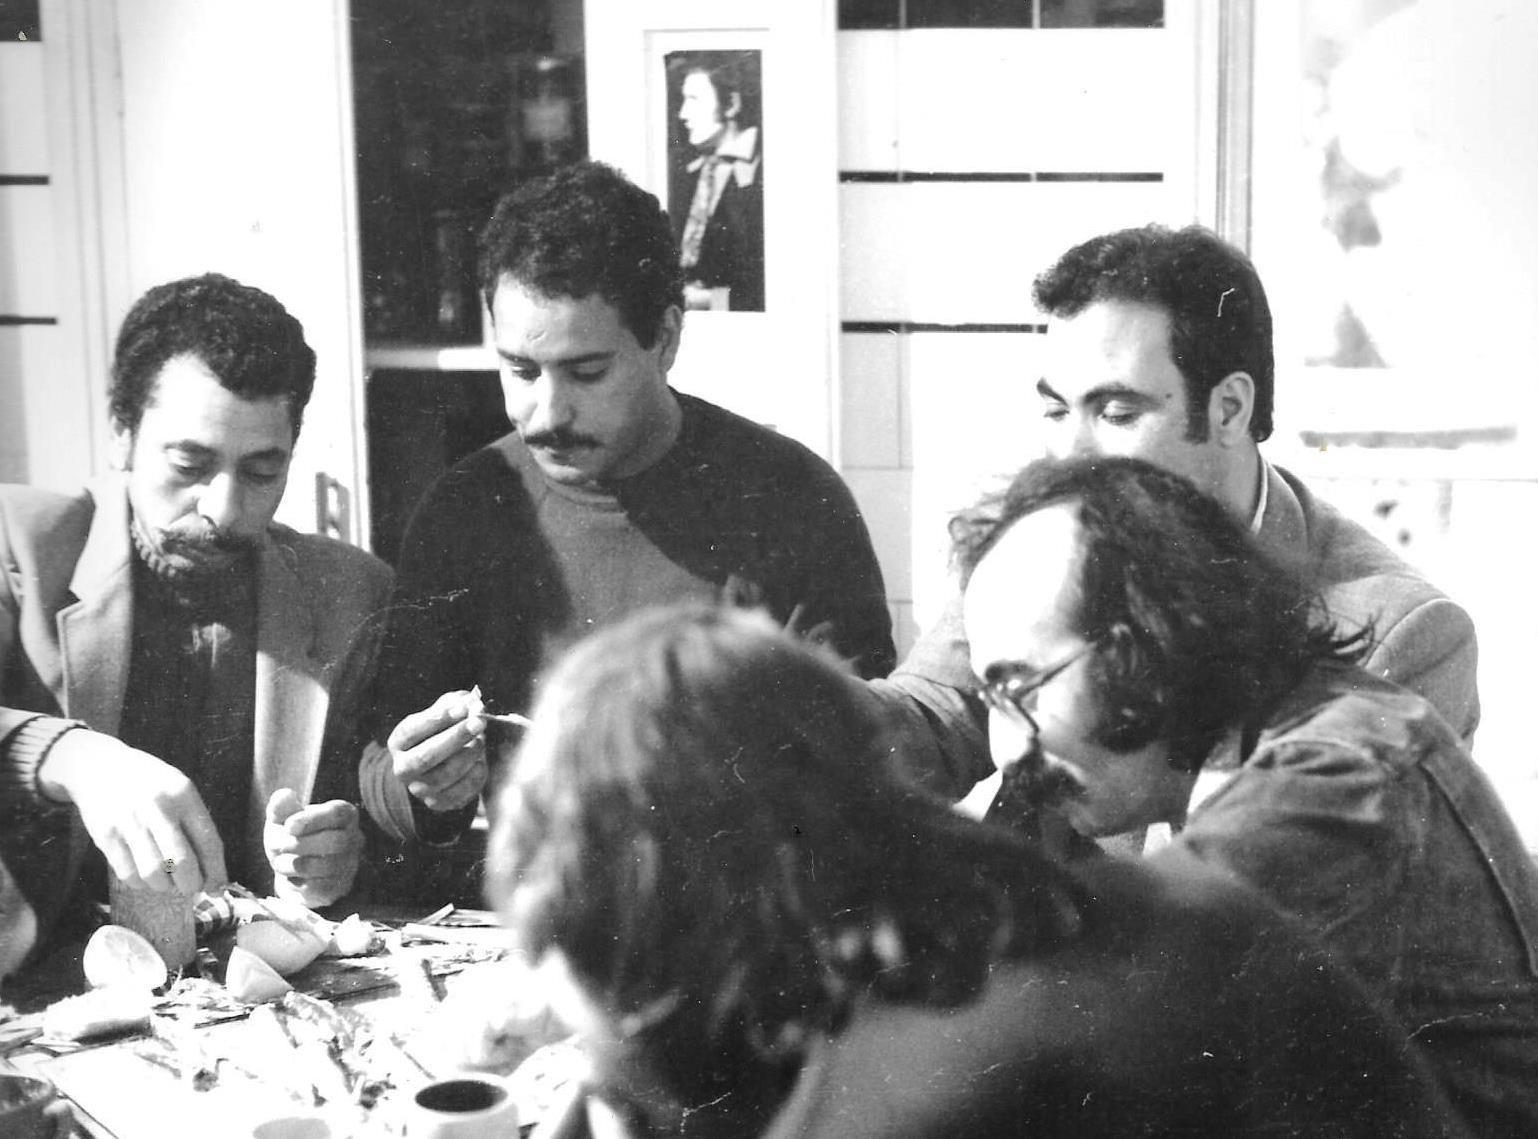 JP-Lledo-et-son-équipe.-Pause-repas.-Tournage-2-films-sur-Peinture-Denis-Martinez